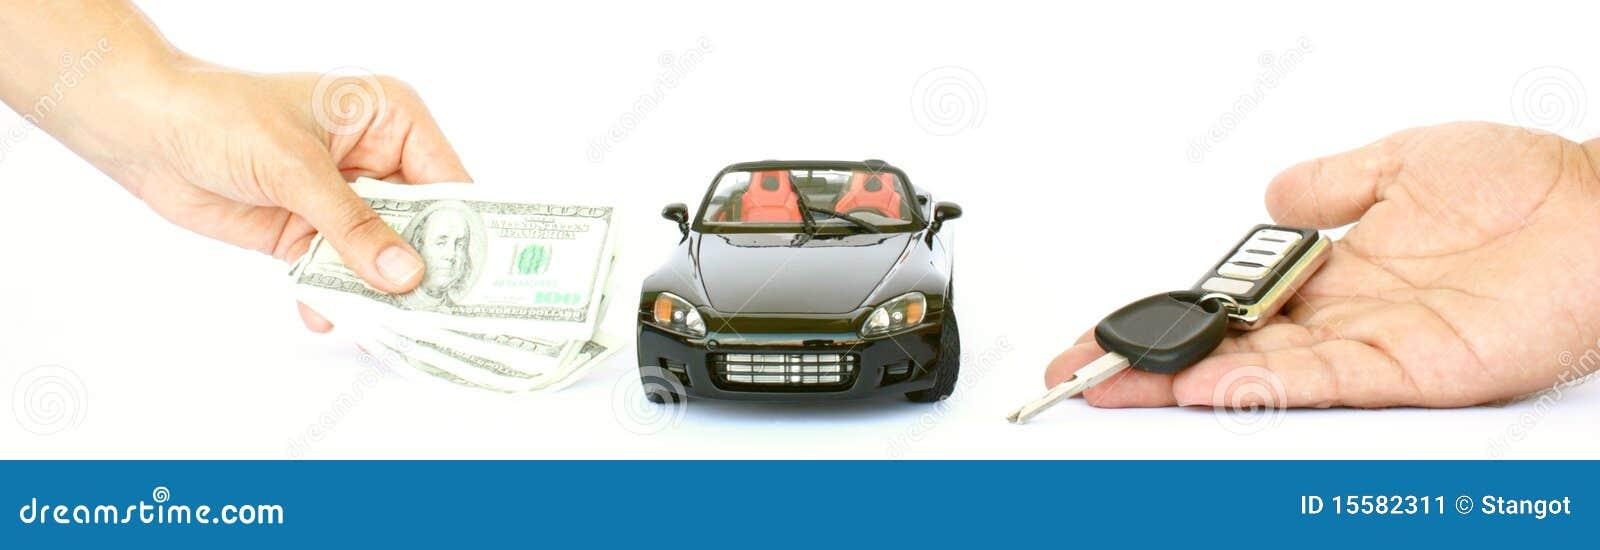 Un coche, un dinero y un clave